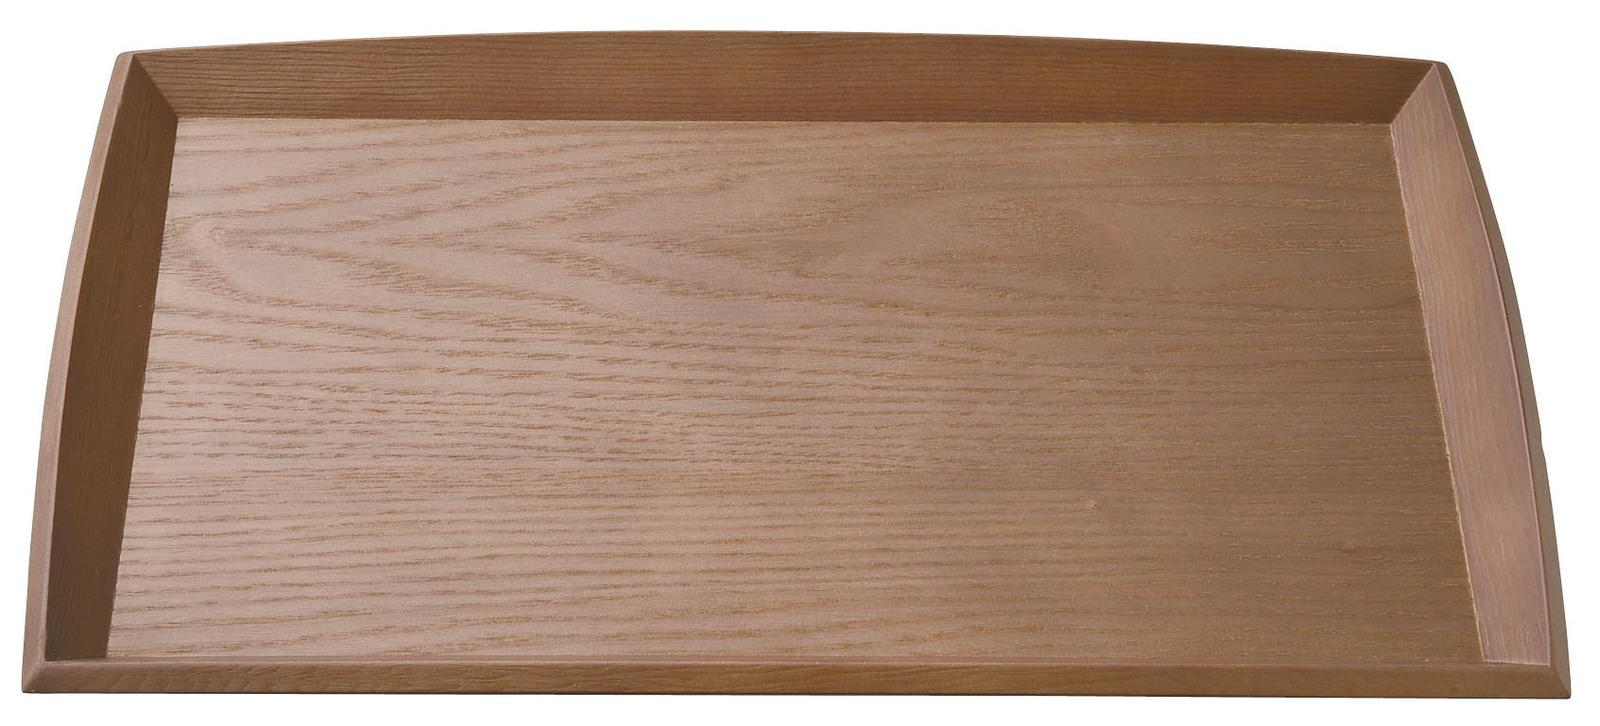 木の盆 おもてなしに合わせて おしゃれな演出を ■ すみれトレー 中 木製 情熱セール トレー 33x21x2.5cmカフェ オールナット色 盆サイズ 5☆大好評 トレーいろいろ